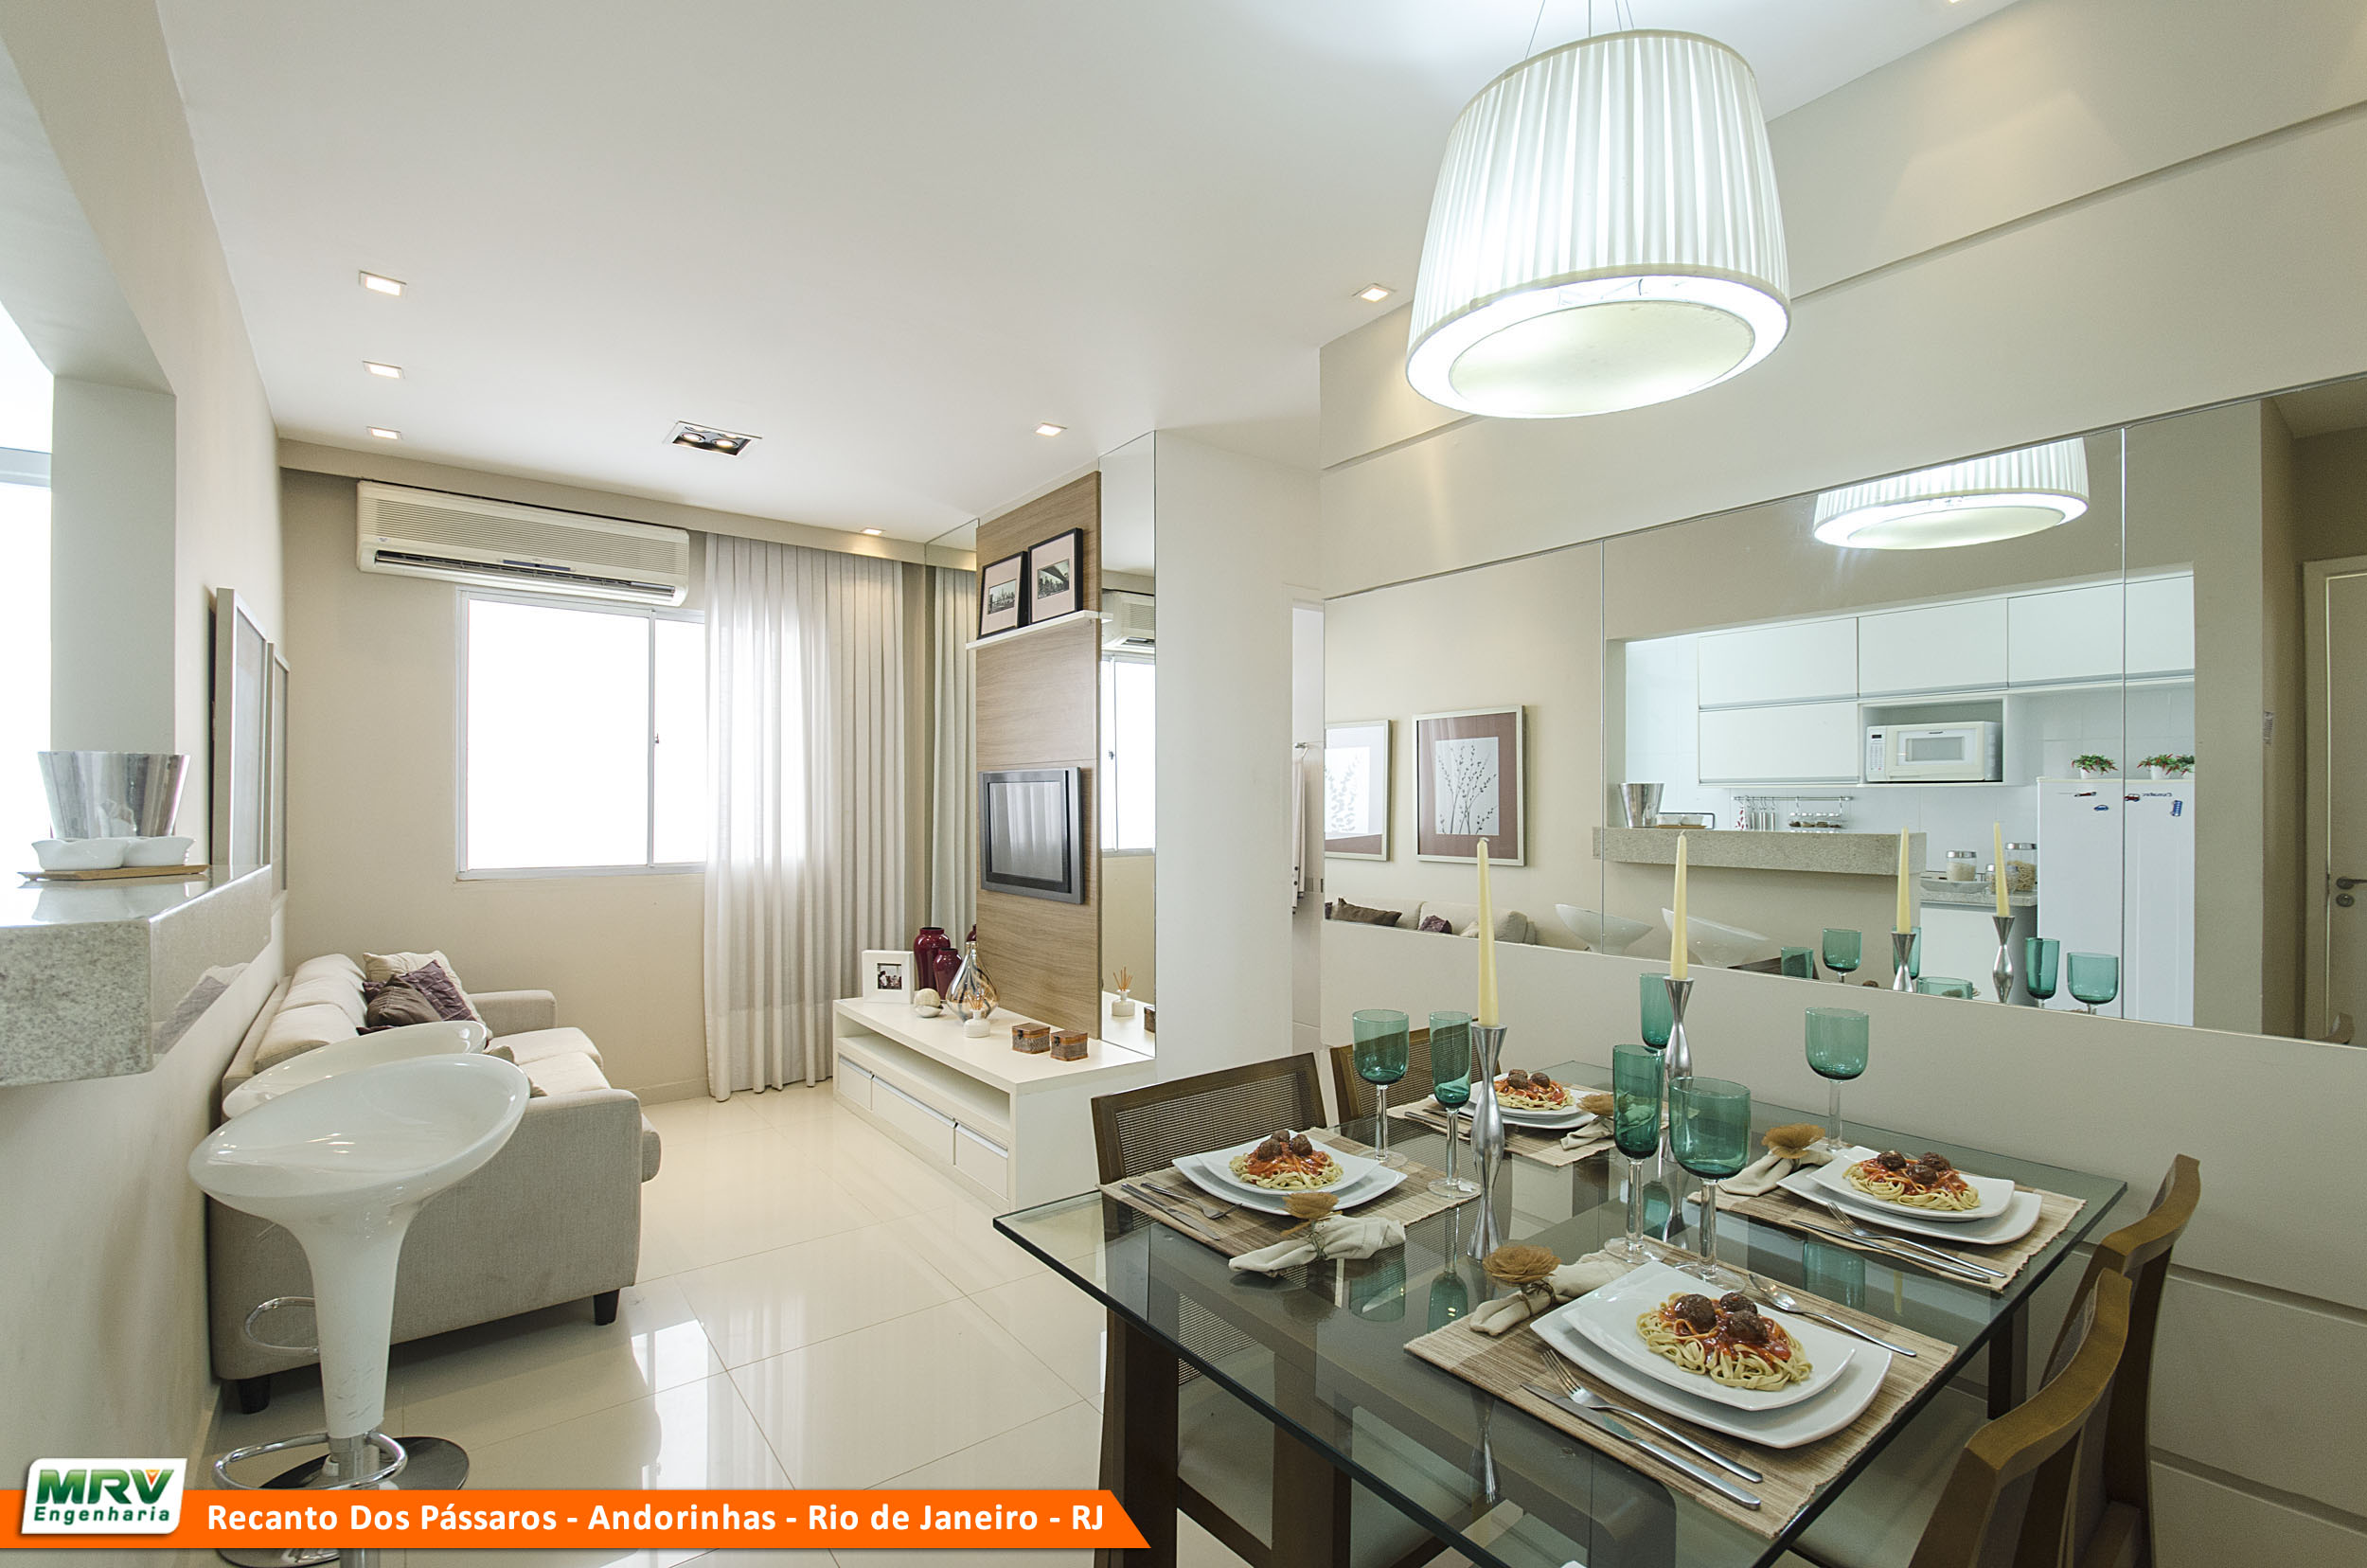 Sala De Estar Tamanho Ideal ~ Seu Apartamento Ideal  Tamanho  Blog do Rubens Menin  Mercado